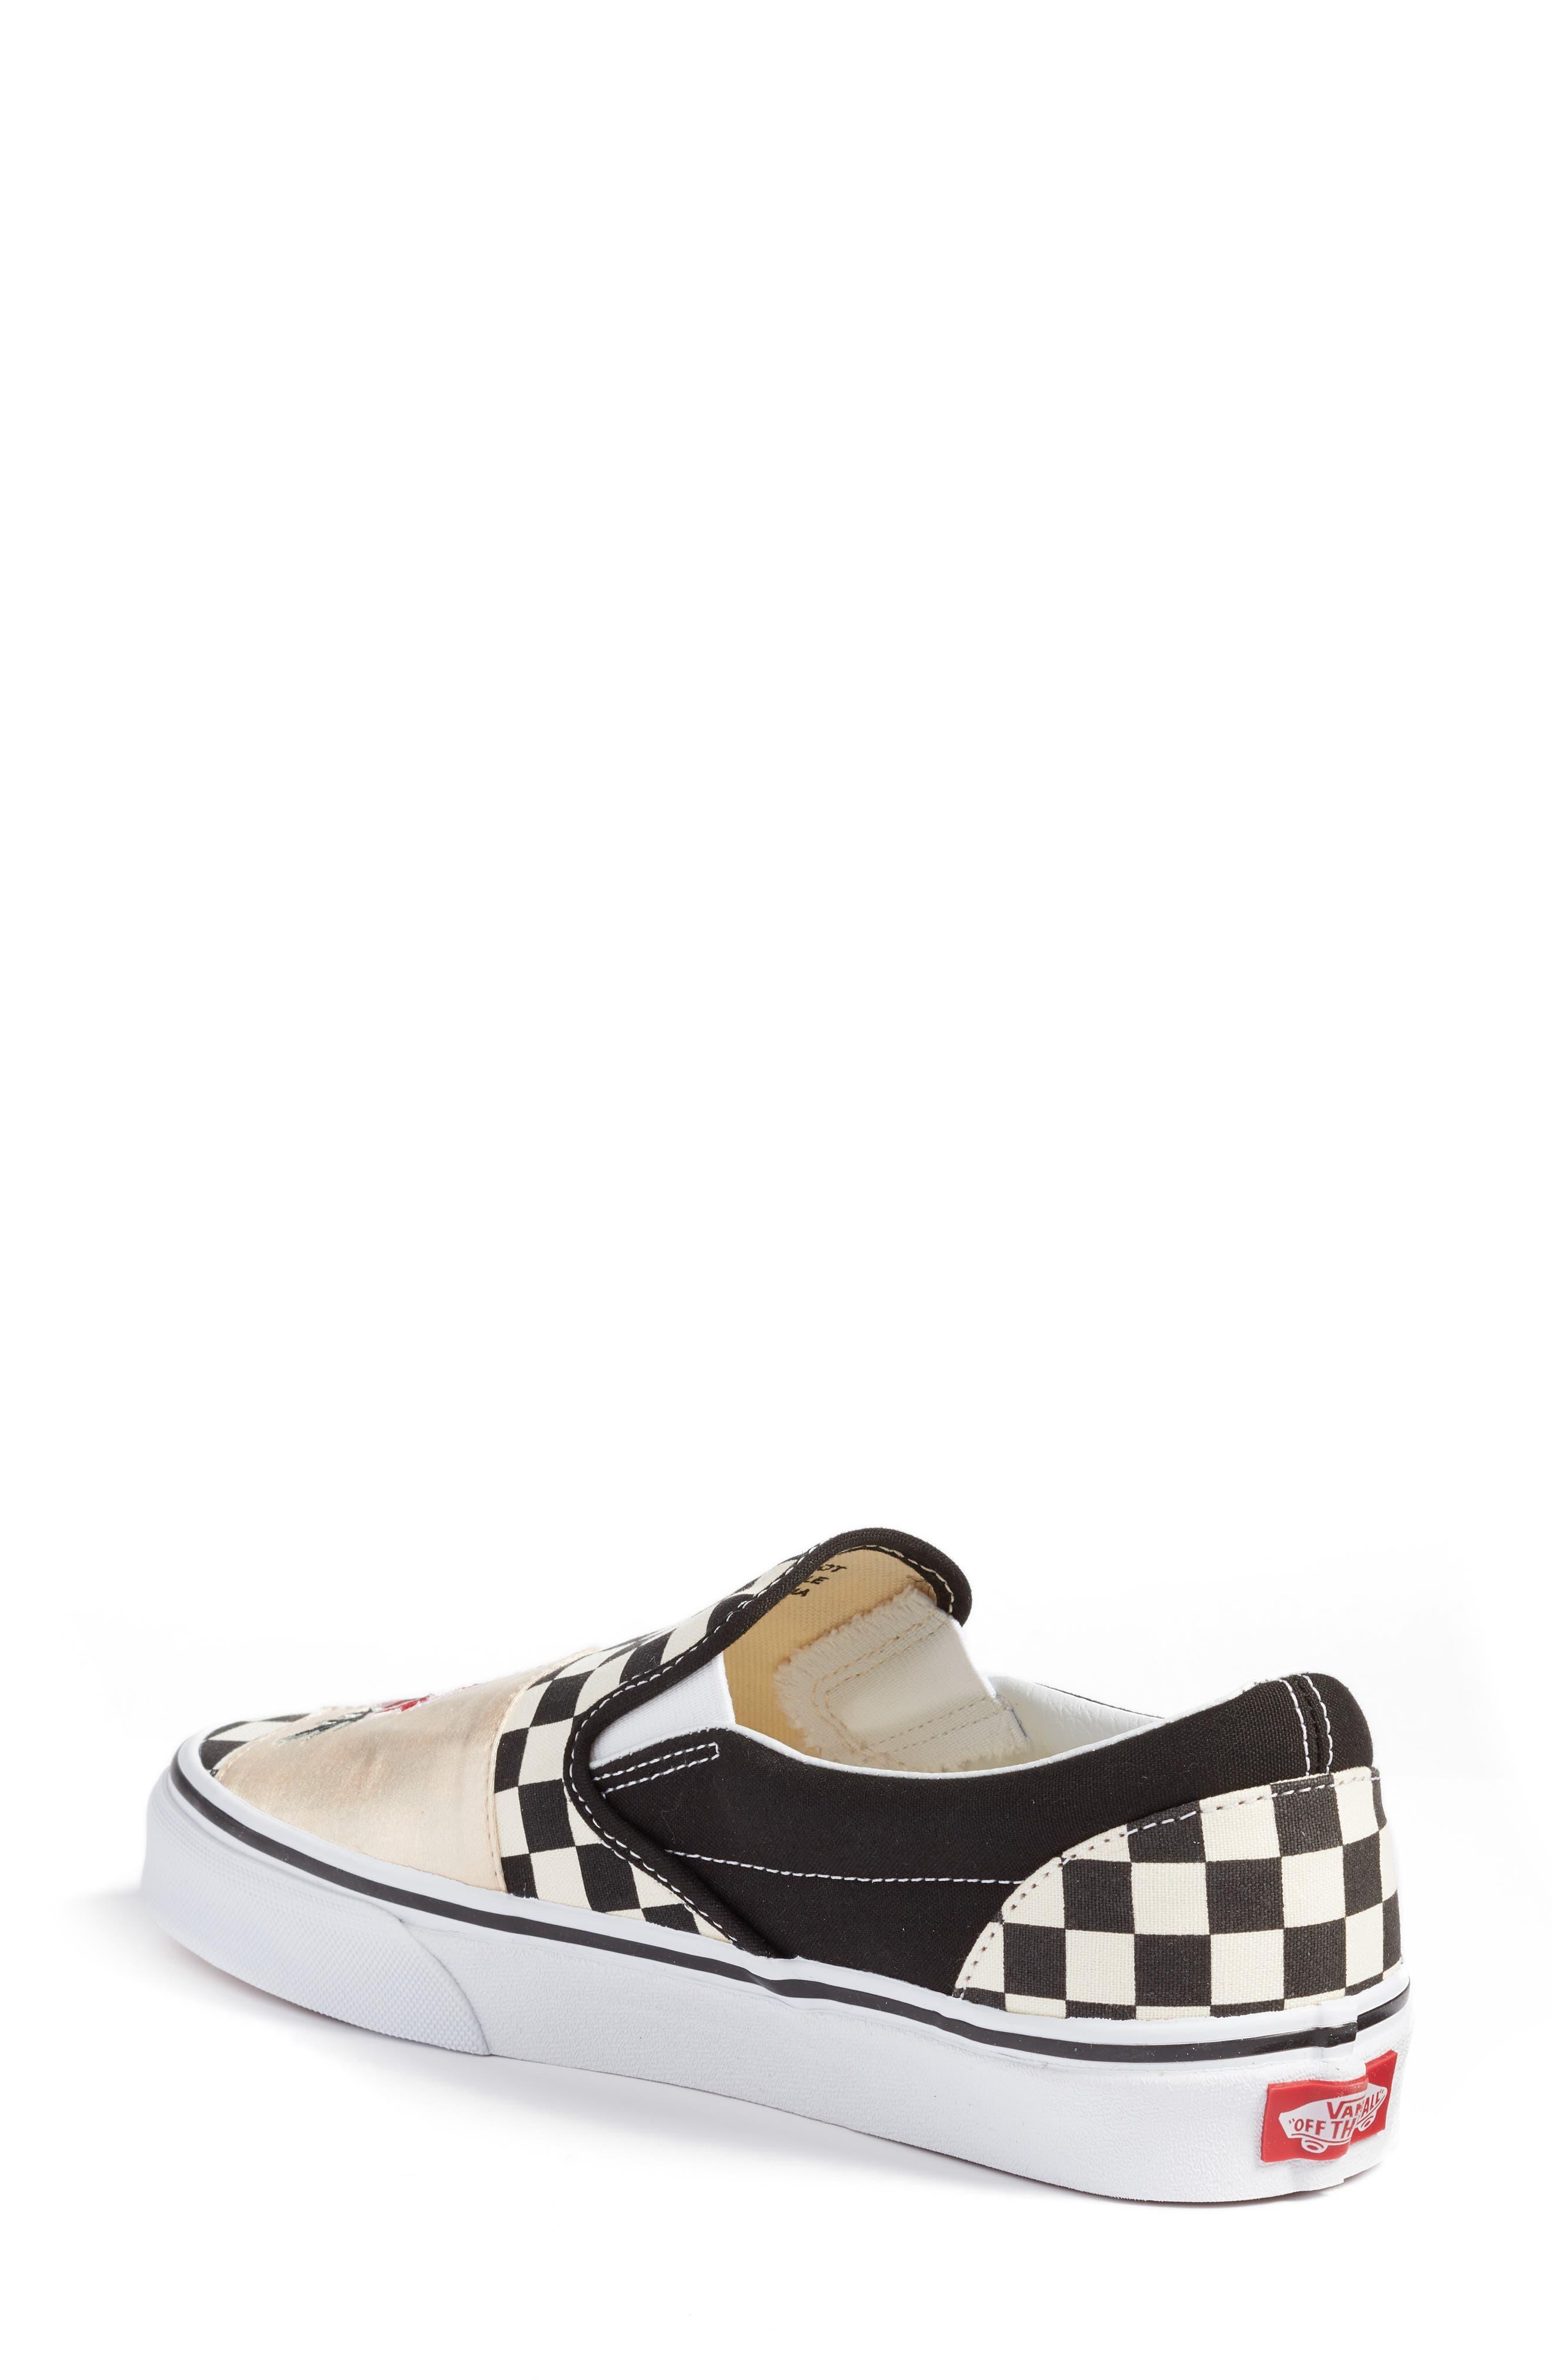 UA Classic Slip-On Sneaker,                             Alternate thumbnail 2, color,                             CHECKER/ ROSE